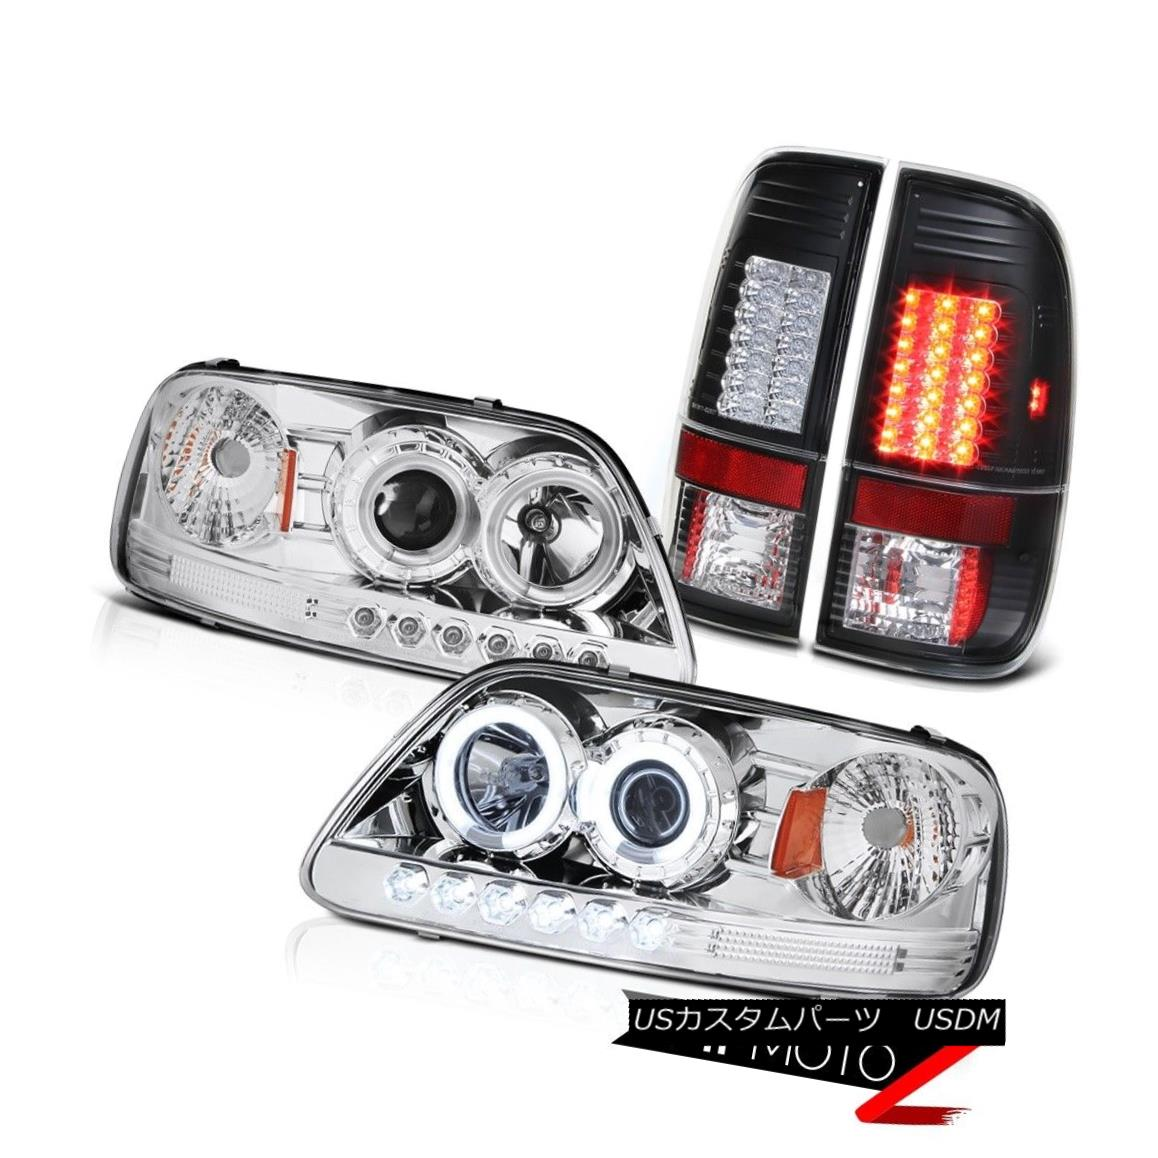 ヘッドライト F150 4.2L 1999 2000 2001 CCFL Tech Pkg Headlight SMD Brake Tail Lights F150 4.2L 1999 2000 2001 CCFL Tech PkgヘッドライトSMDブレーキテールライト